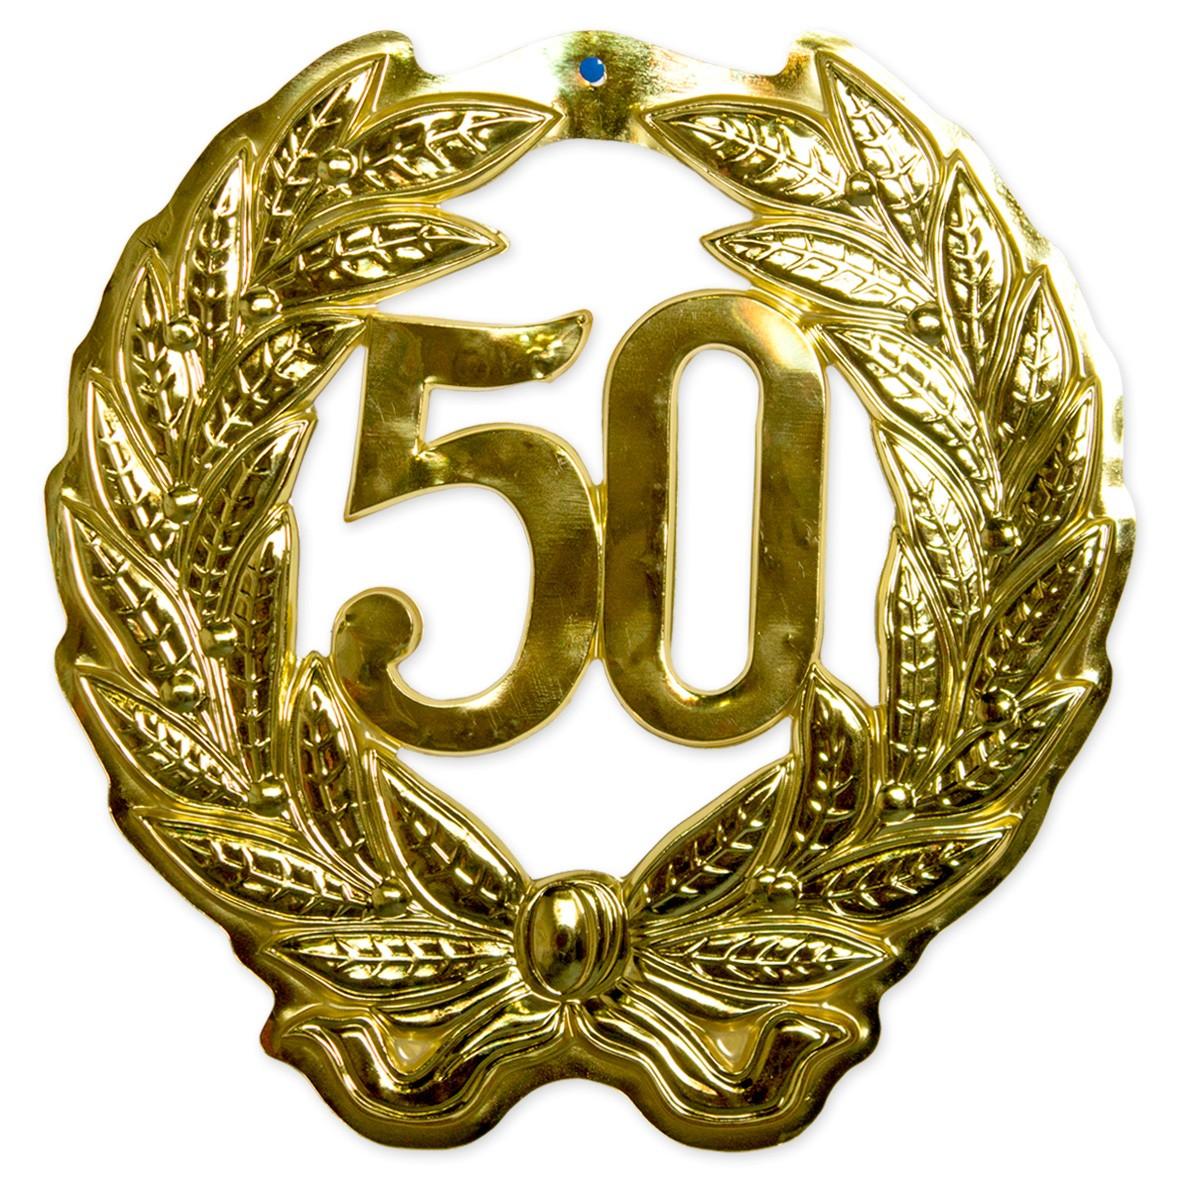 Super 50 jaar getrouwd versiering |Jokershop.be - Gouden bruiloft NN-76